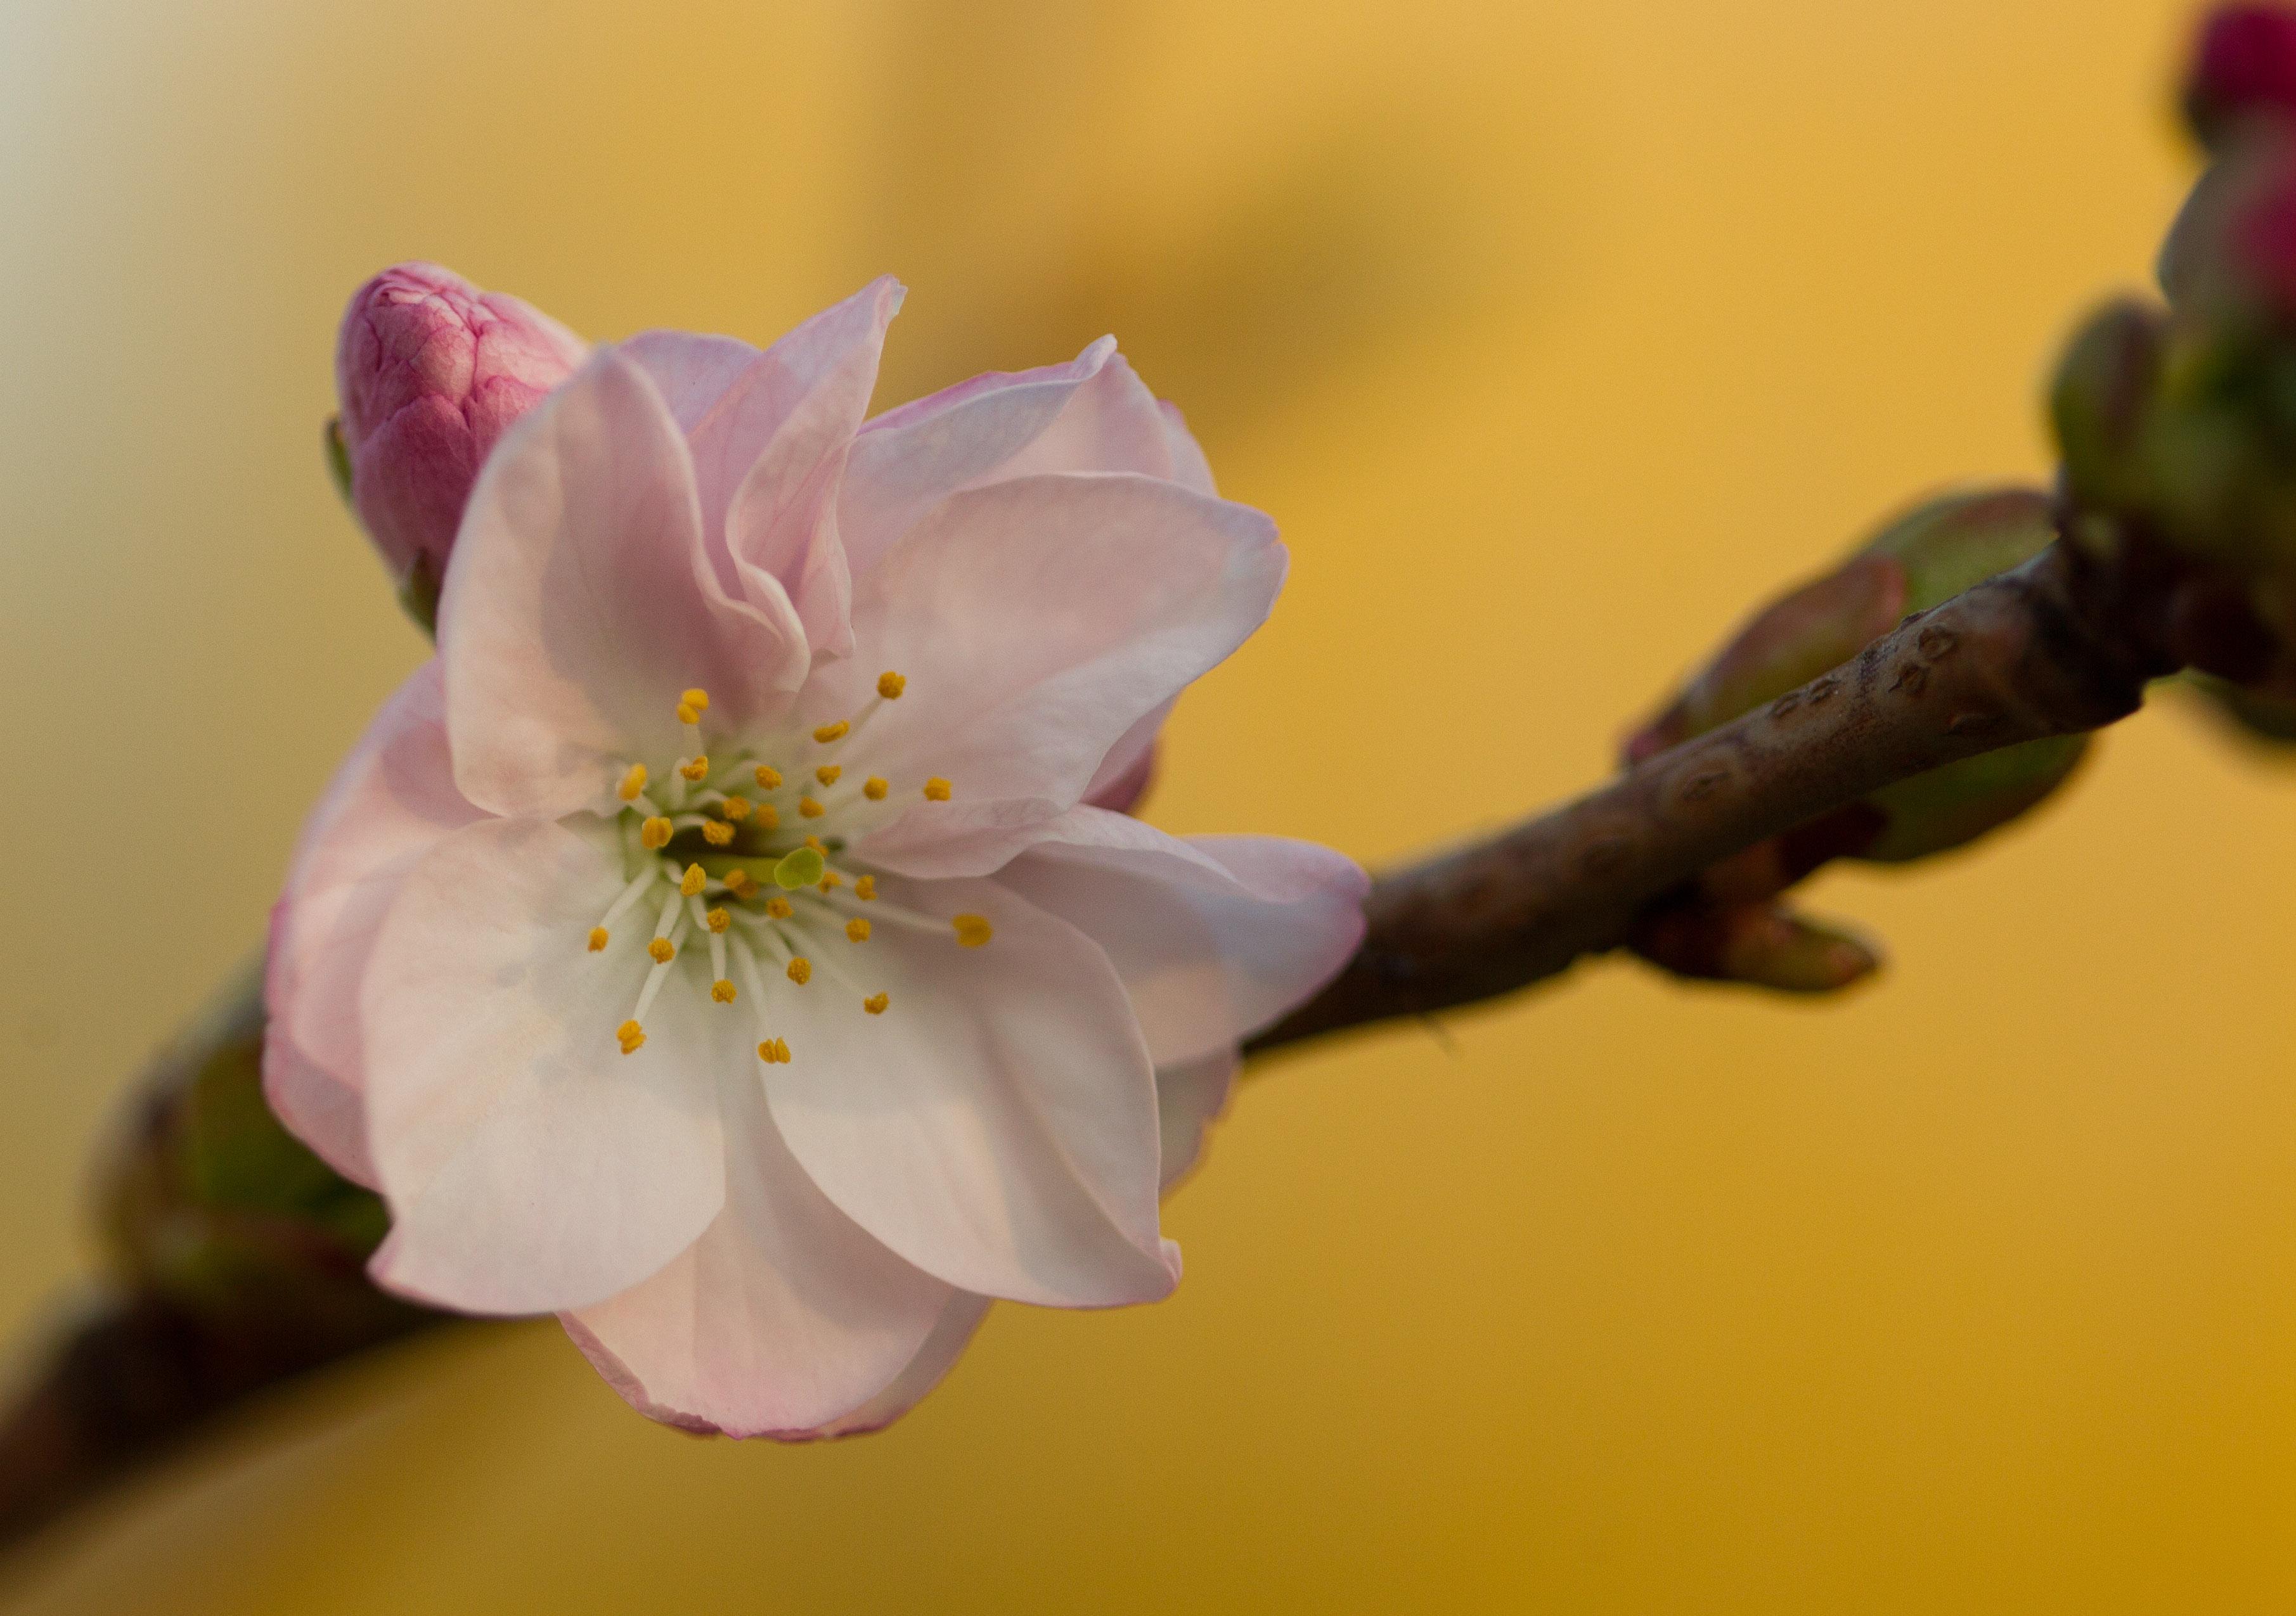 Kilka nowych drzew pojawiło się w Parku Traugutta, a to wszystko żeby zwiększyć różnorodność tego miejsca. Rosną już wiśnie piłkowane, katalpa, magnolie i grab kolumnowy.